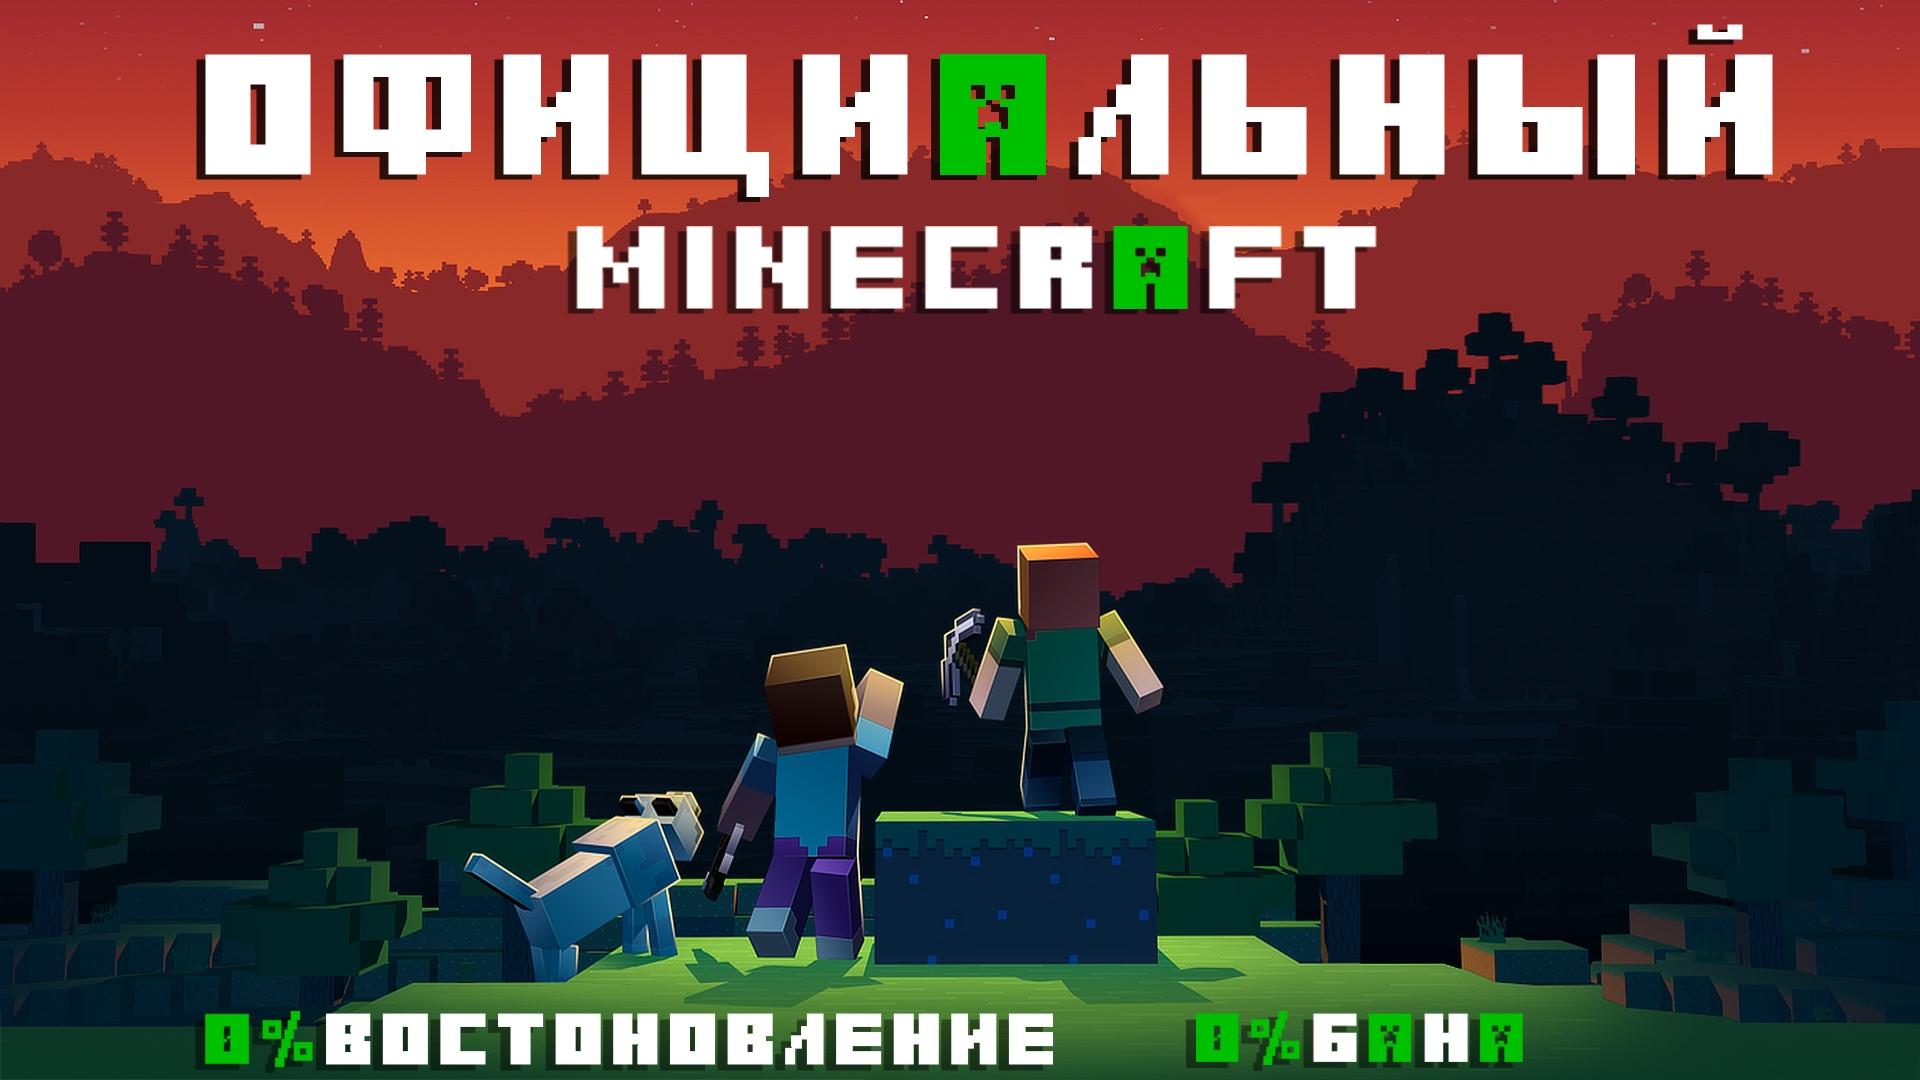 Фотография официальный аккаунт minecraft [смена данных⭐]